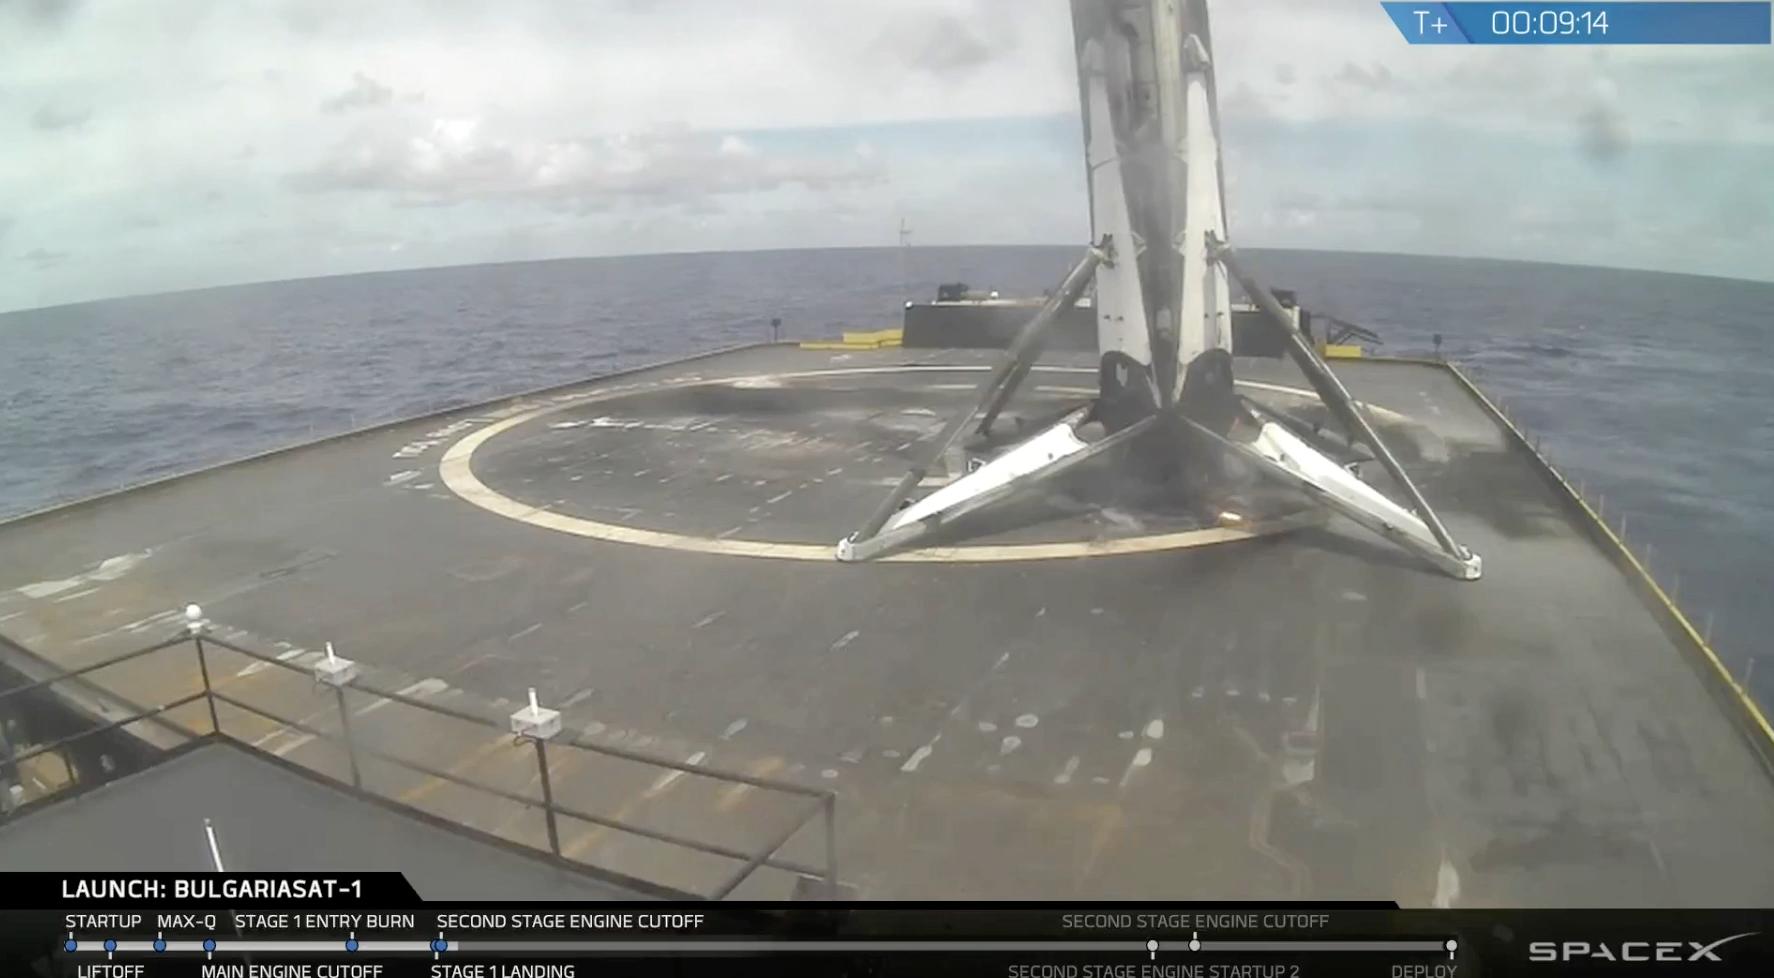 Choć były problemy z transmisją obrazu, a Falcon wylądował odrobinę krzywo, cały lot to kolejna odsłona wyśmienitego spektaklu w wykonaniu SpaceX.